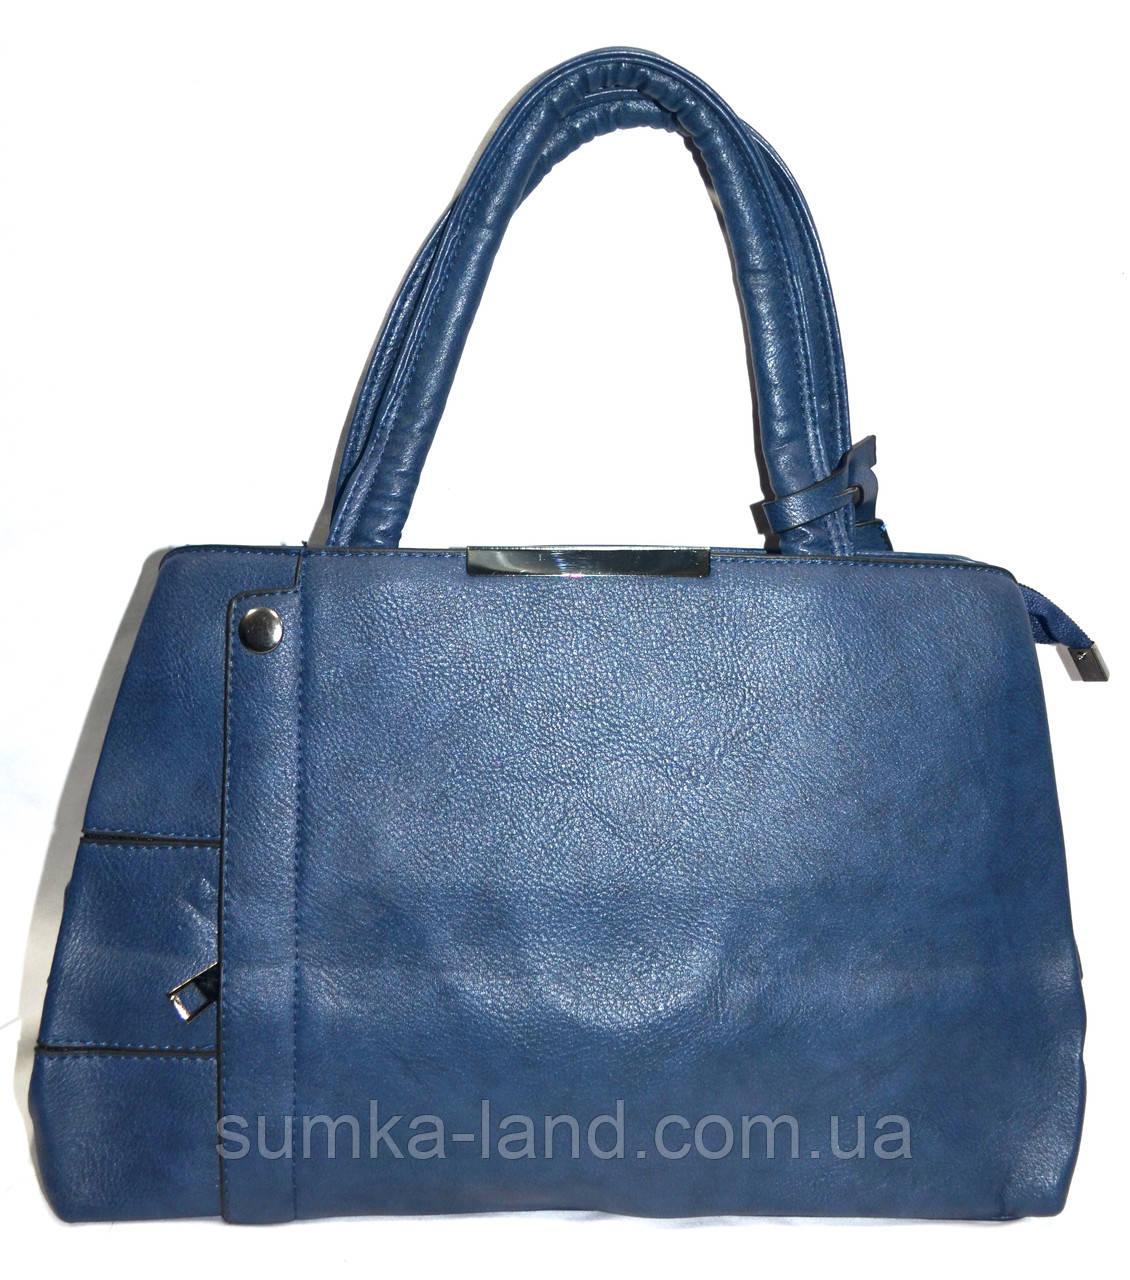 Женская синяя сумка из искусственной кожи на 2 отделения 33*24 см